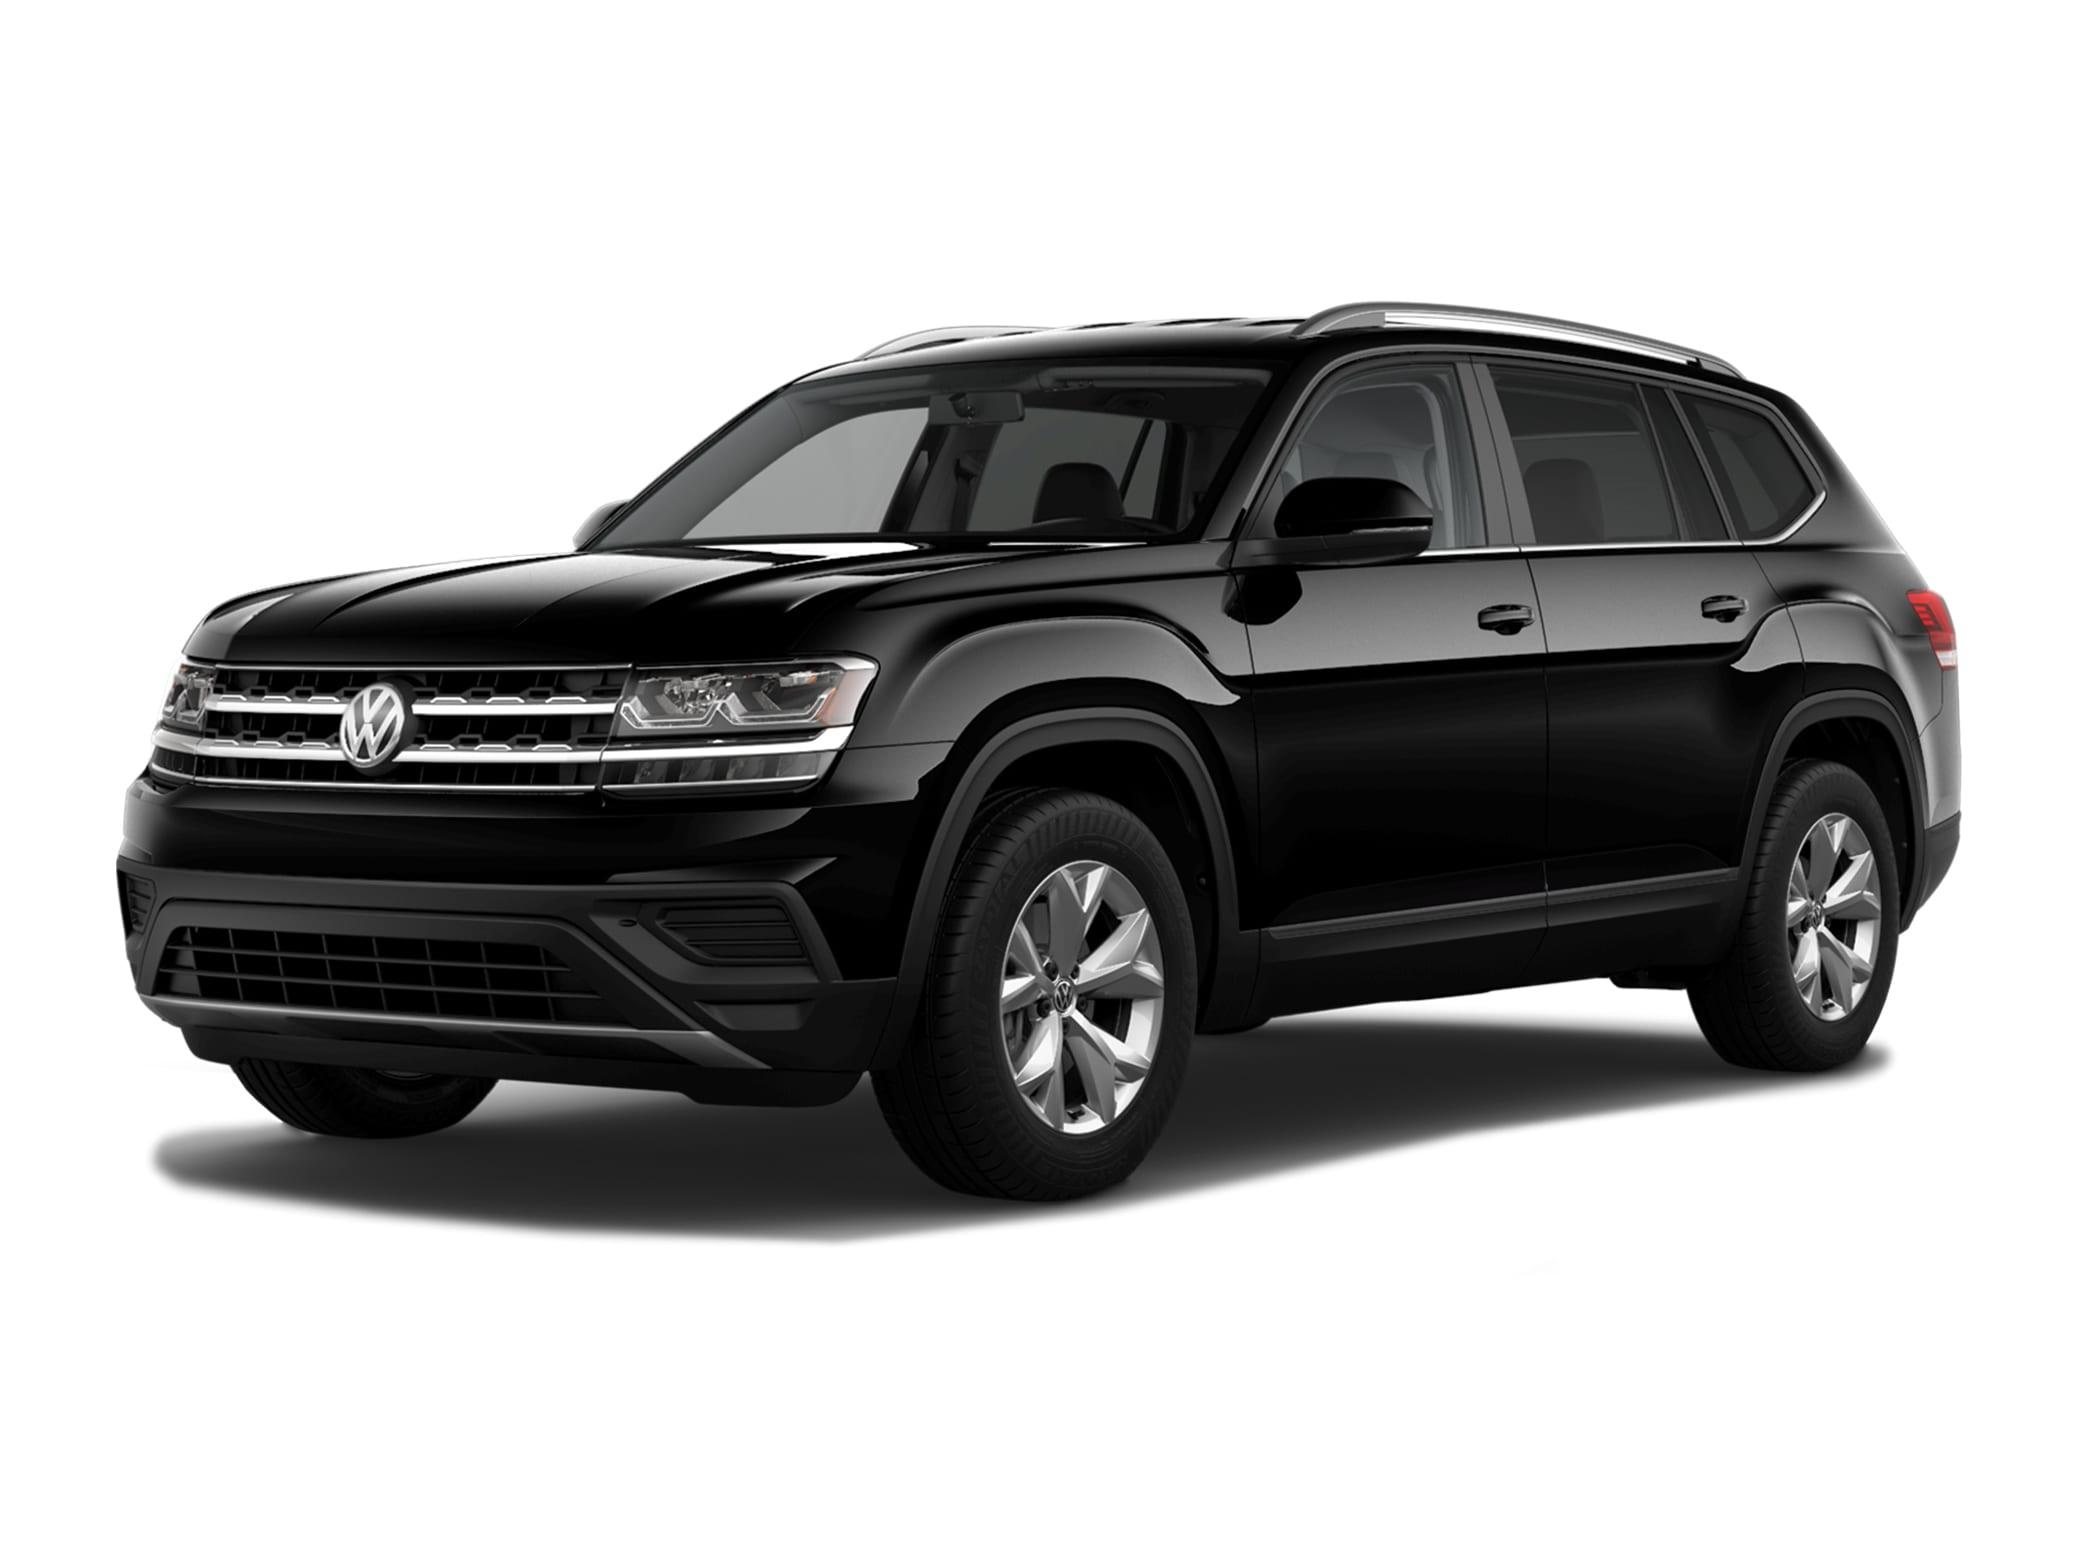 2019 Volkswagen Atlas SUV Digital Showroom | Rick Case Volkswagen Weston